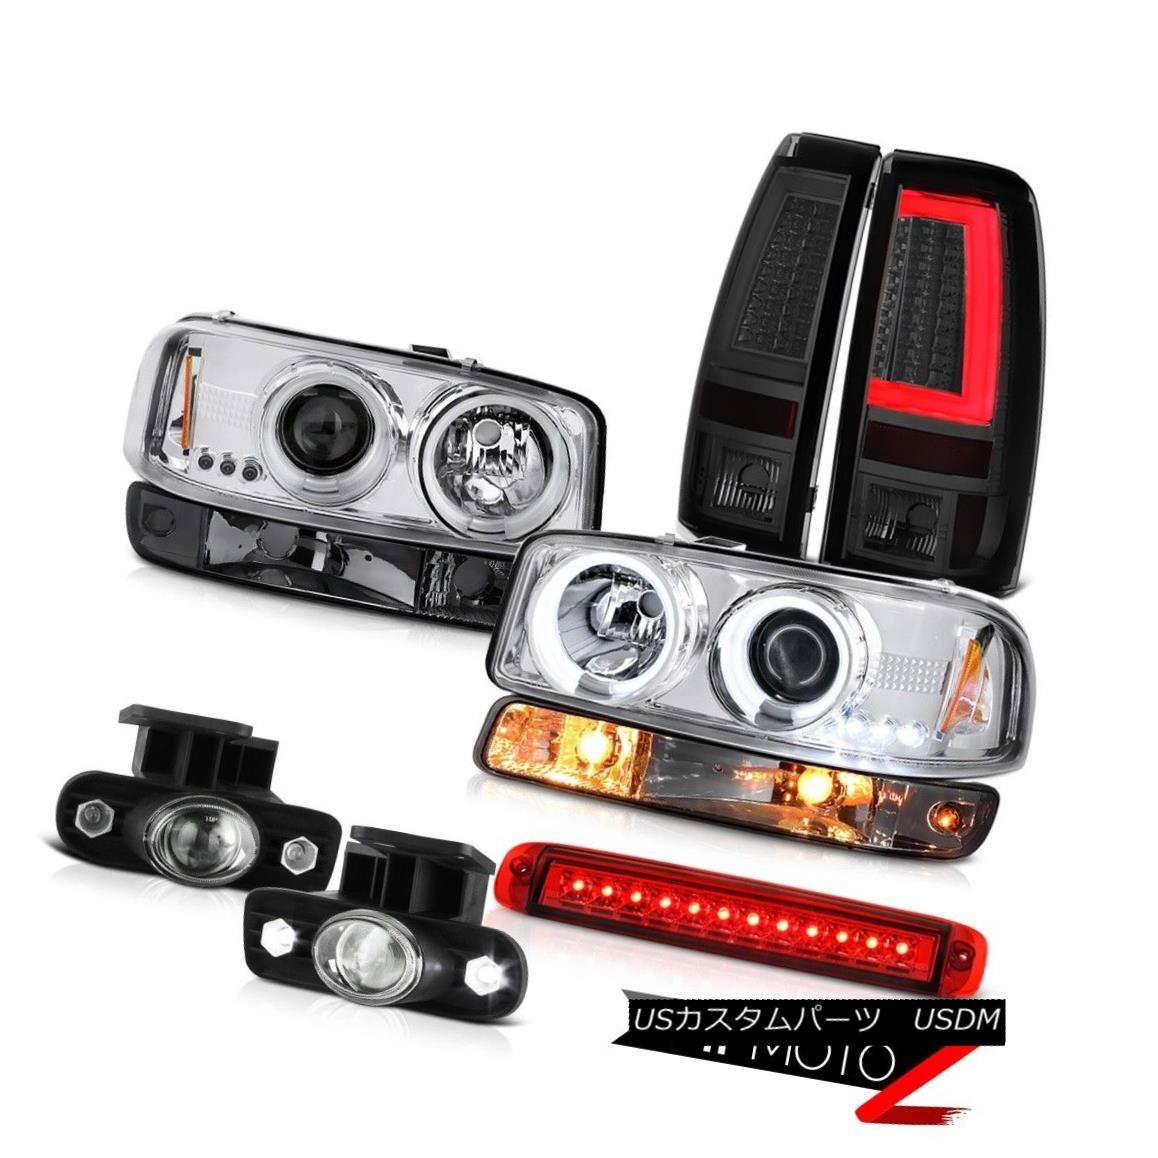 ヘッドライト 99-02 Sierra 1500 Taillights Roof Cargo Lamp Bumper Foglights CCFL Headlamps LED 99-02 Sierra 1500テールライトルーフカーゴランプバンパーフォグライトCCFLヘッドライトLED